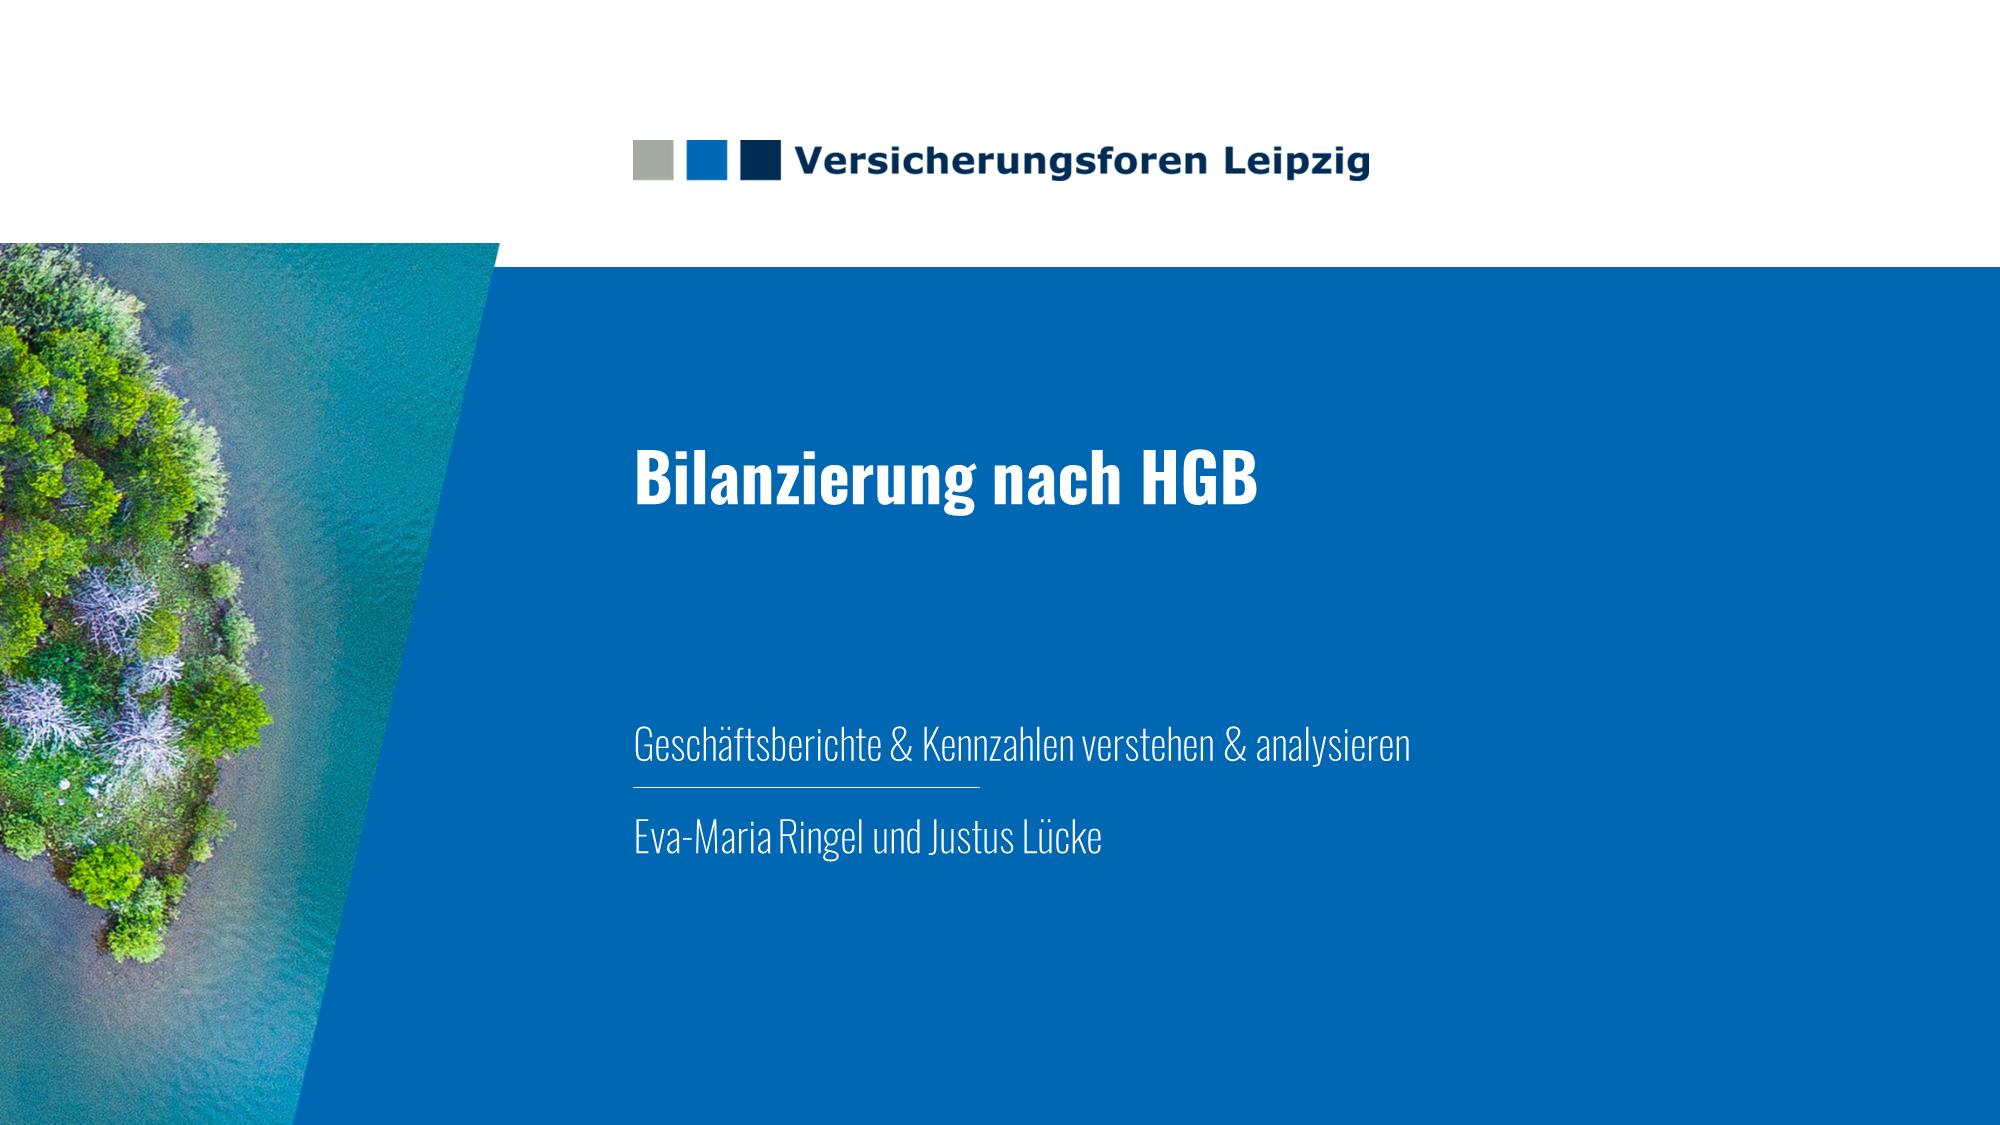 Web Based Training: Bilanzierung nach HGB – Geschäftsberichte & Kennzahlen verstehen & analysieren